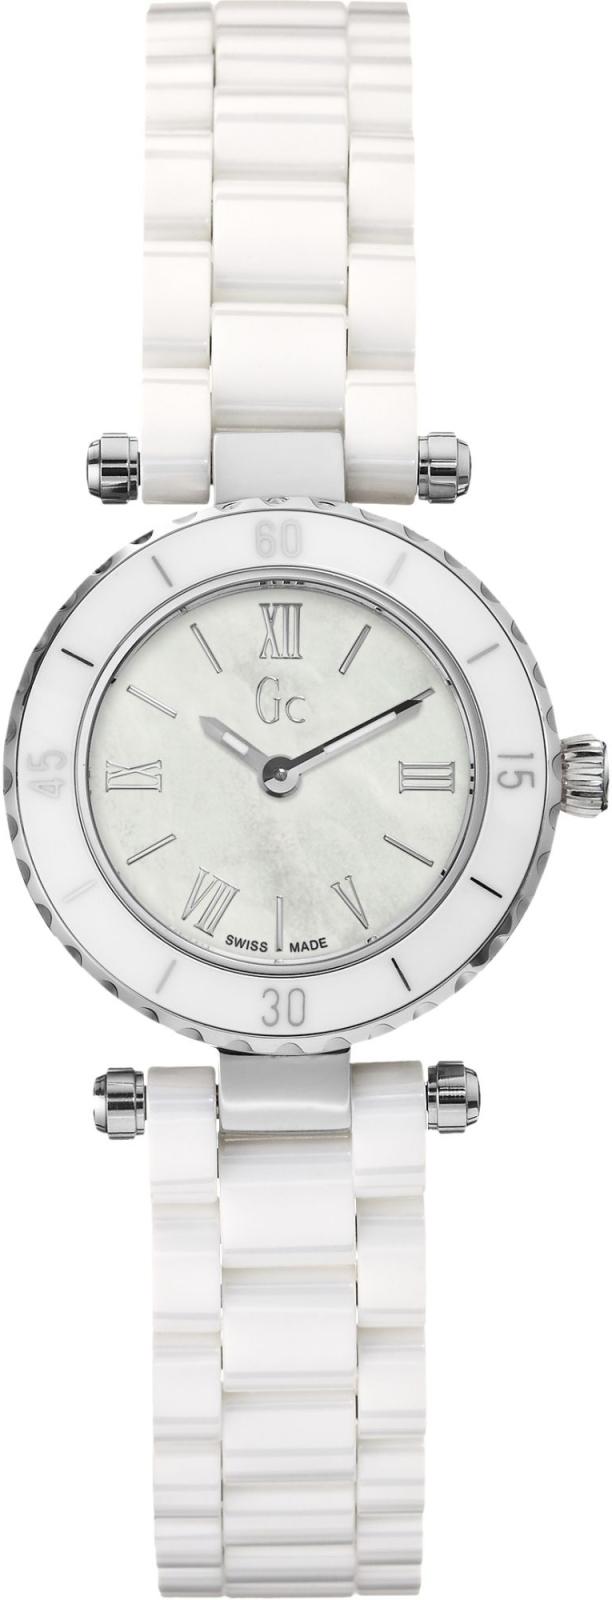 Gc Sport Chic X70007L1SНаручные часы<br>Швейцарские часы Gc Sport Chic X70007L1SЧасы входят в модельный ряд коллекции Sport Chic. Это женские часы. Материал корпуса часов — сталь+керамика. Циферблат часов защищает сапфировое стекло. Часы этой модели обладают водозащитой 100 м.<br><br>Пол: Женские<br>Страна-производитель: Швейцария<br>Механизм: Кварцевый<br>Материал корпуса: Сталь+керамика<br>Материал ремня/браслета: Керамика<br>Водозащита, диапазон: 100 - 150 м<br>Стекло: Сапфировое<br>Толщина корпуса: None<br>Стиль: None